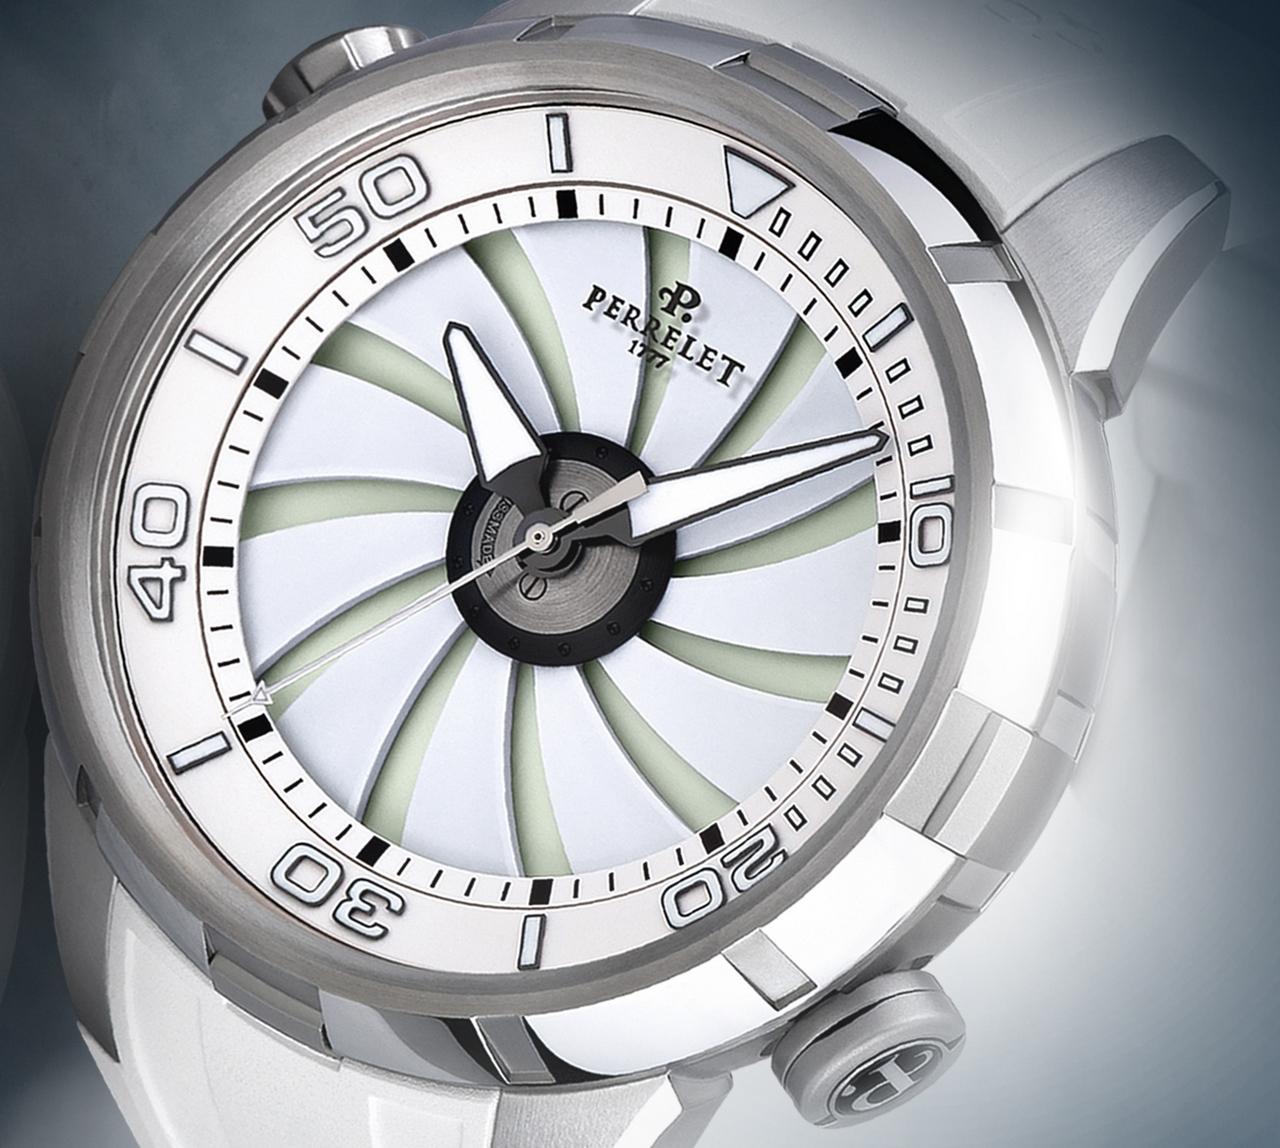 perrelet-turbine-diver_0-100_4